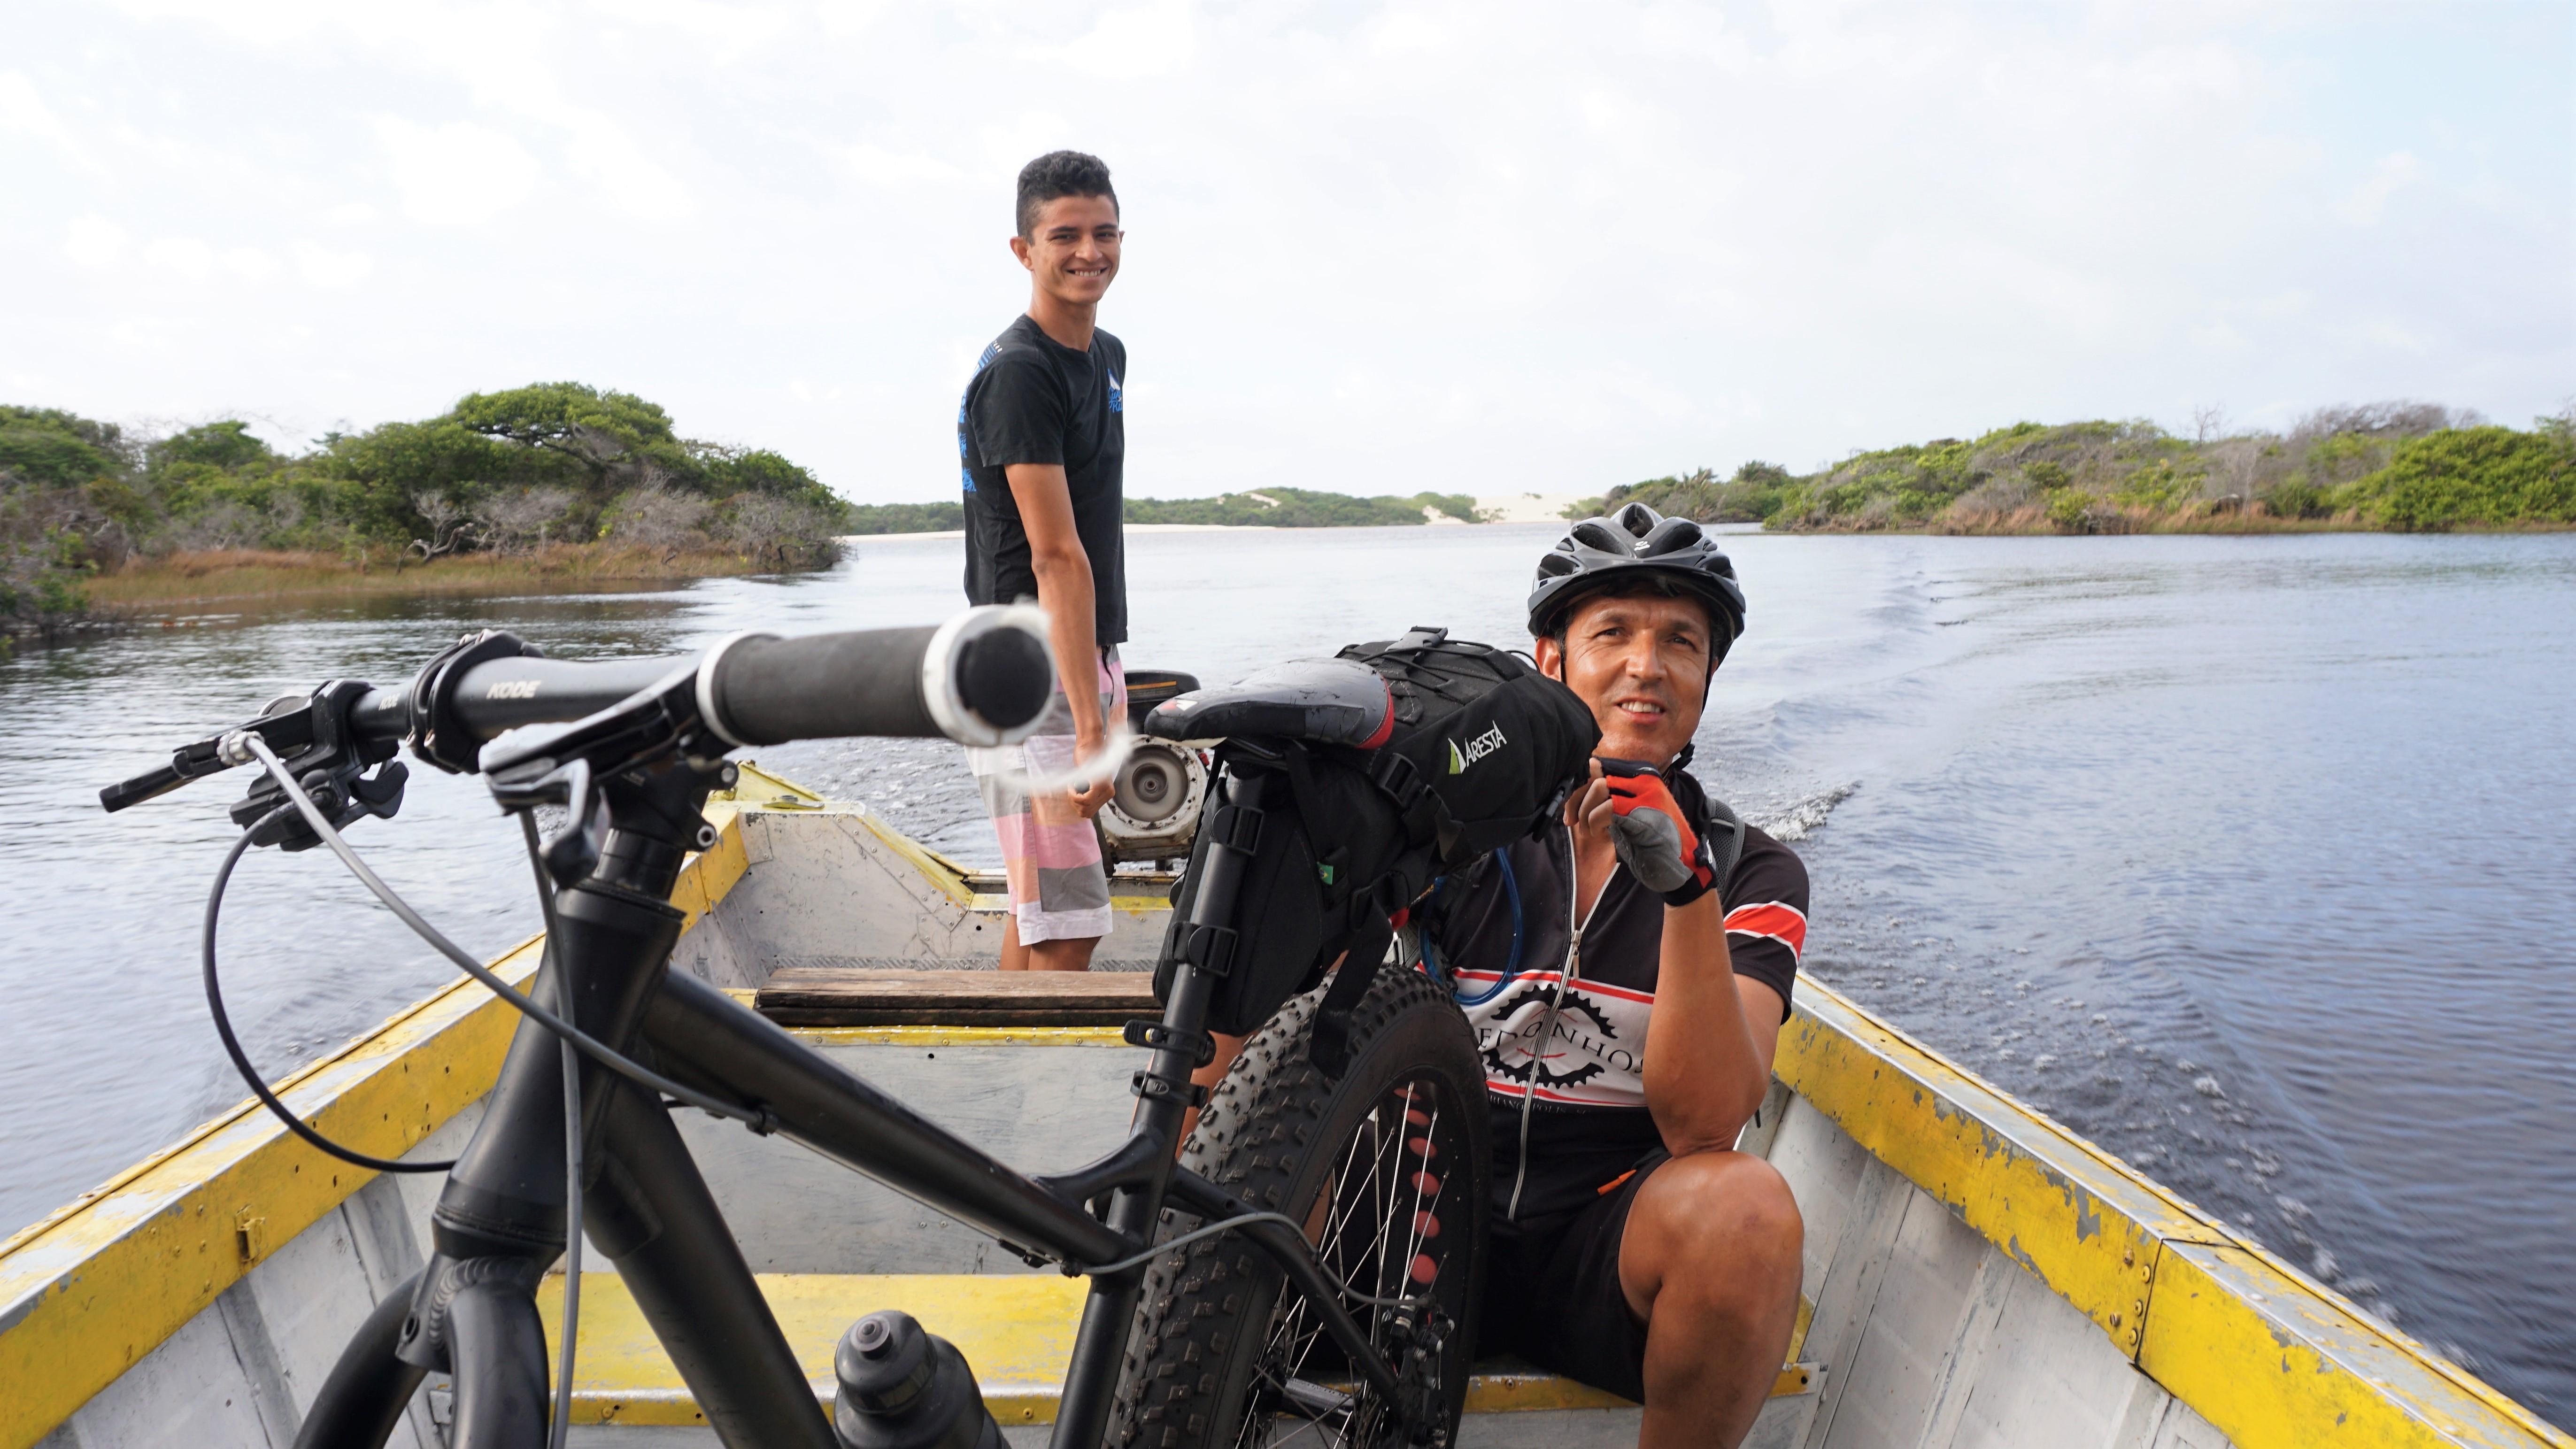 Júnior guiando o barco pelo Rio Alegre